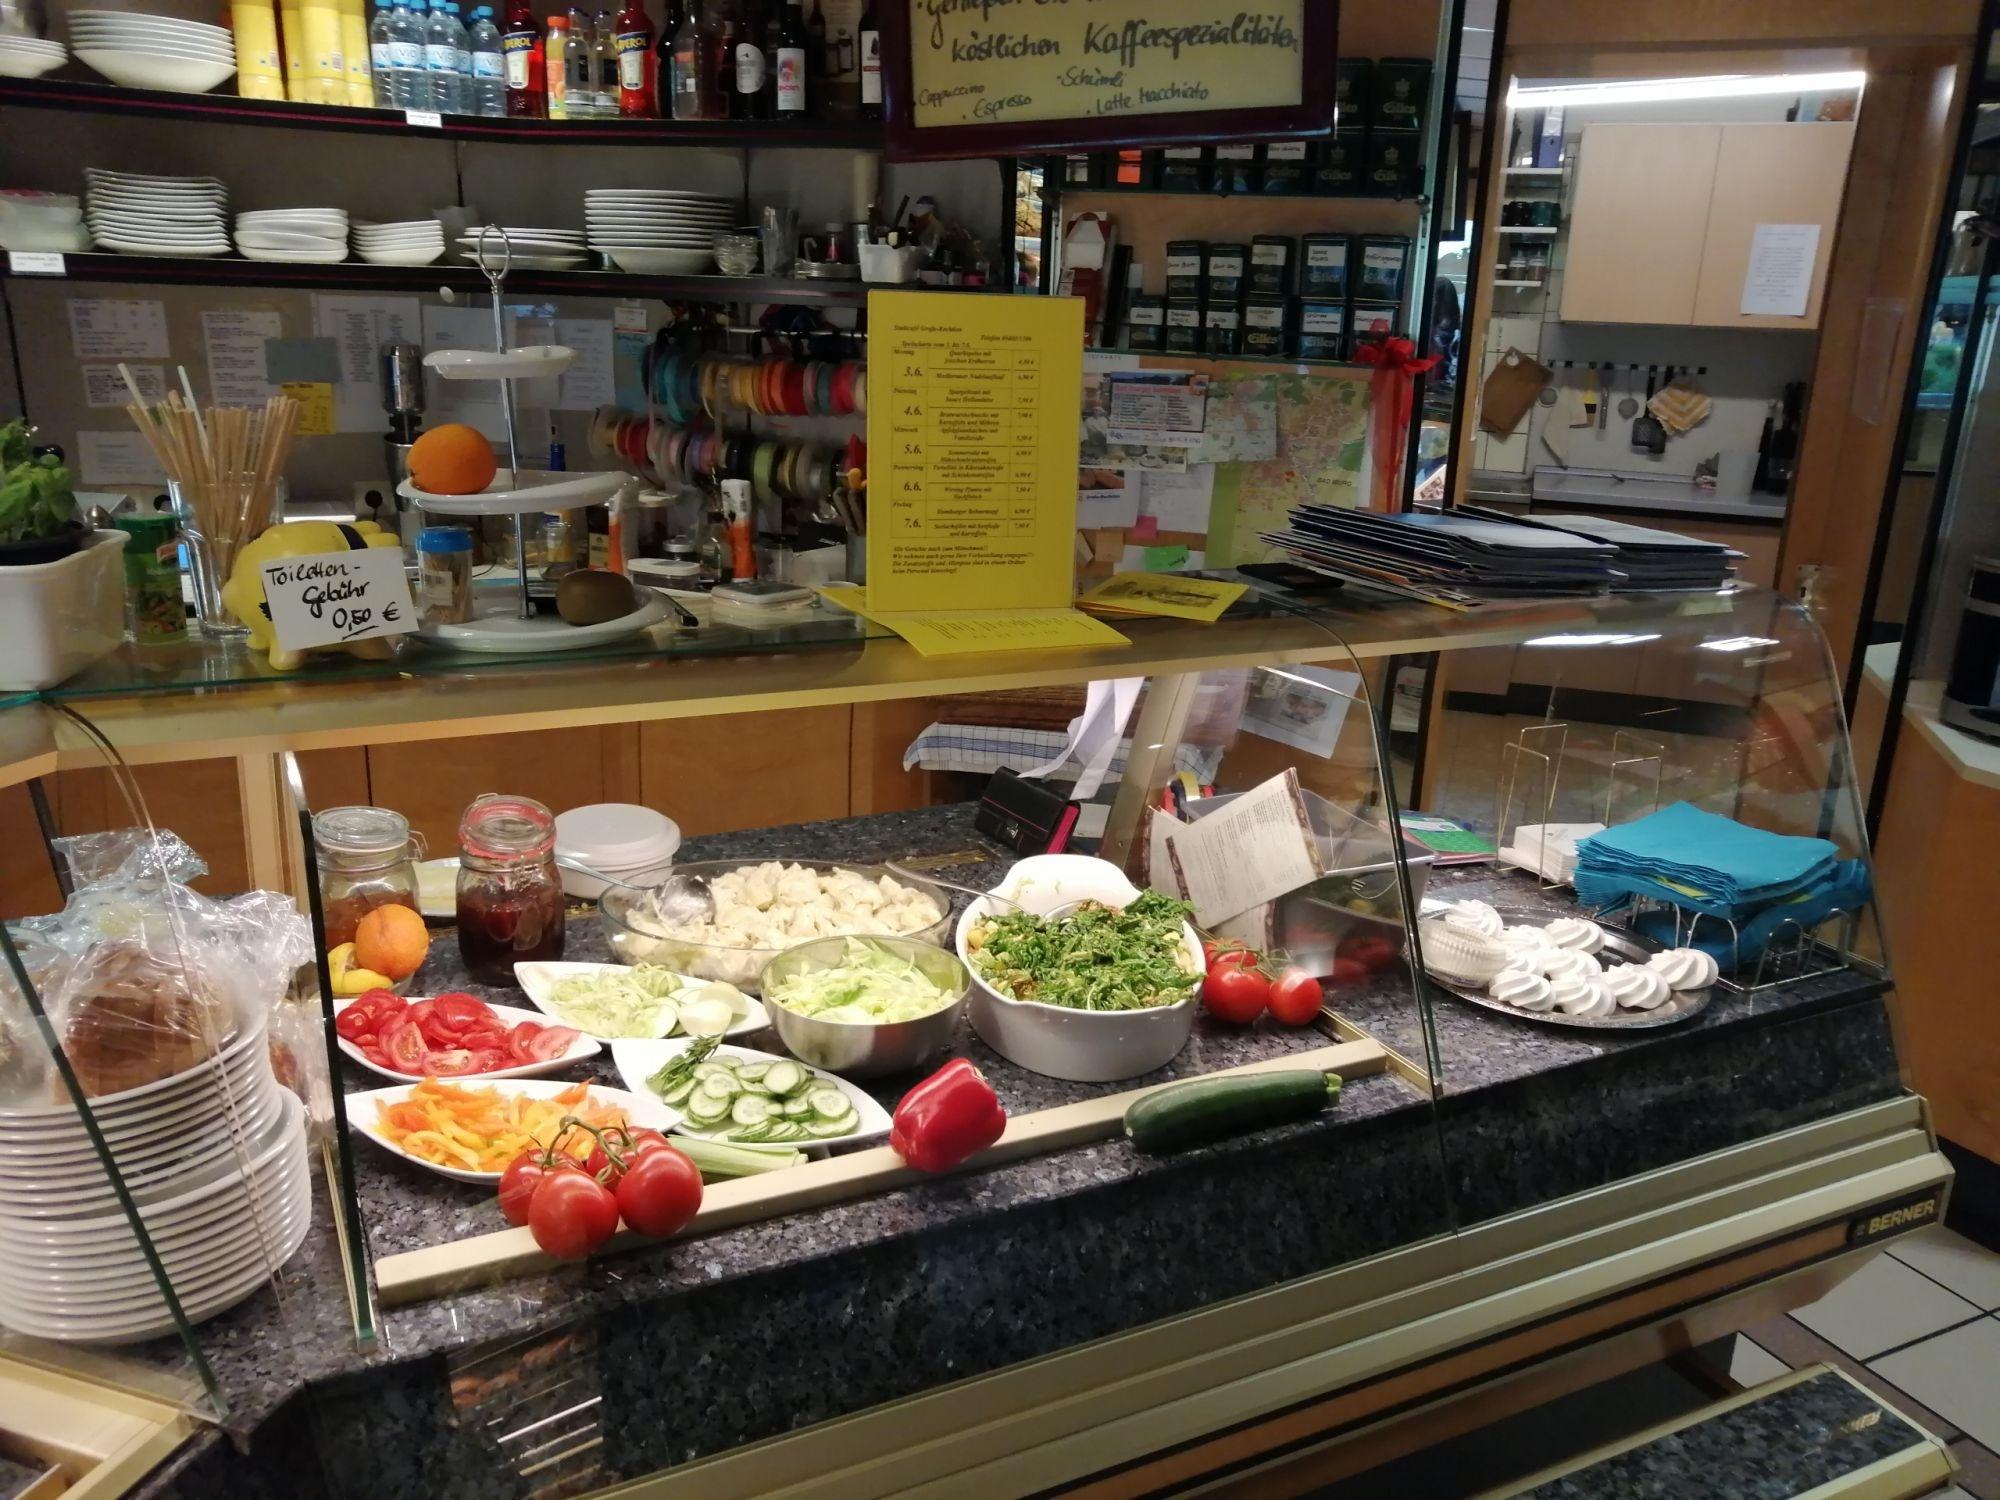 Mittagstisch Mittagstisch im Cafe Große-Rechtien in Bad Iburg